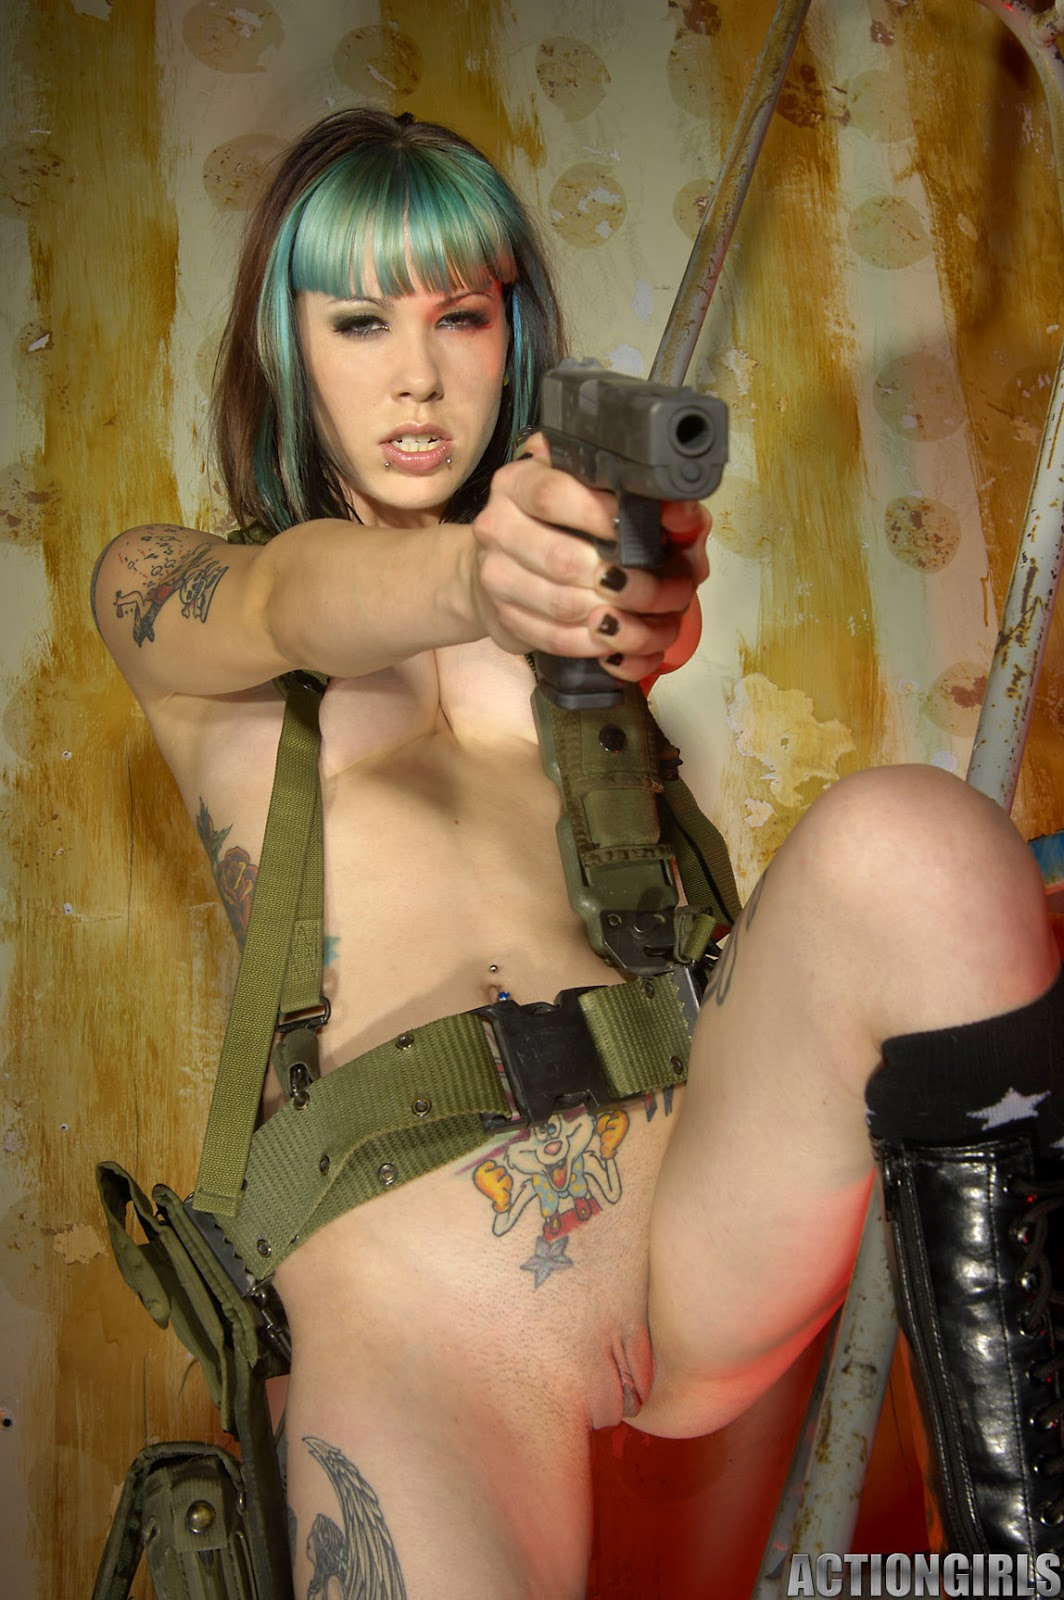 Женщины военой форме порно онлайн